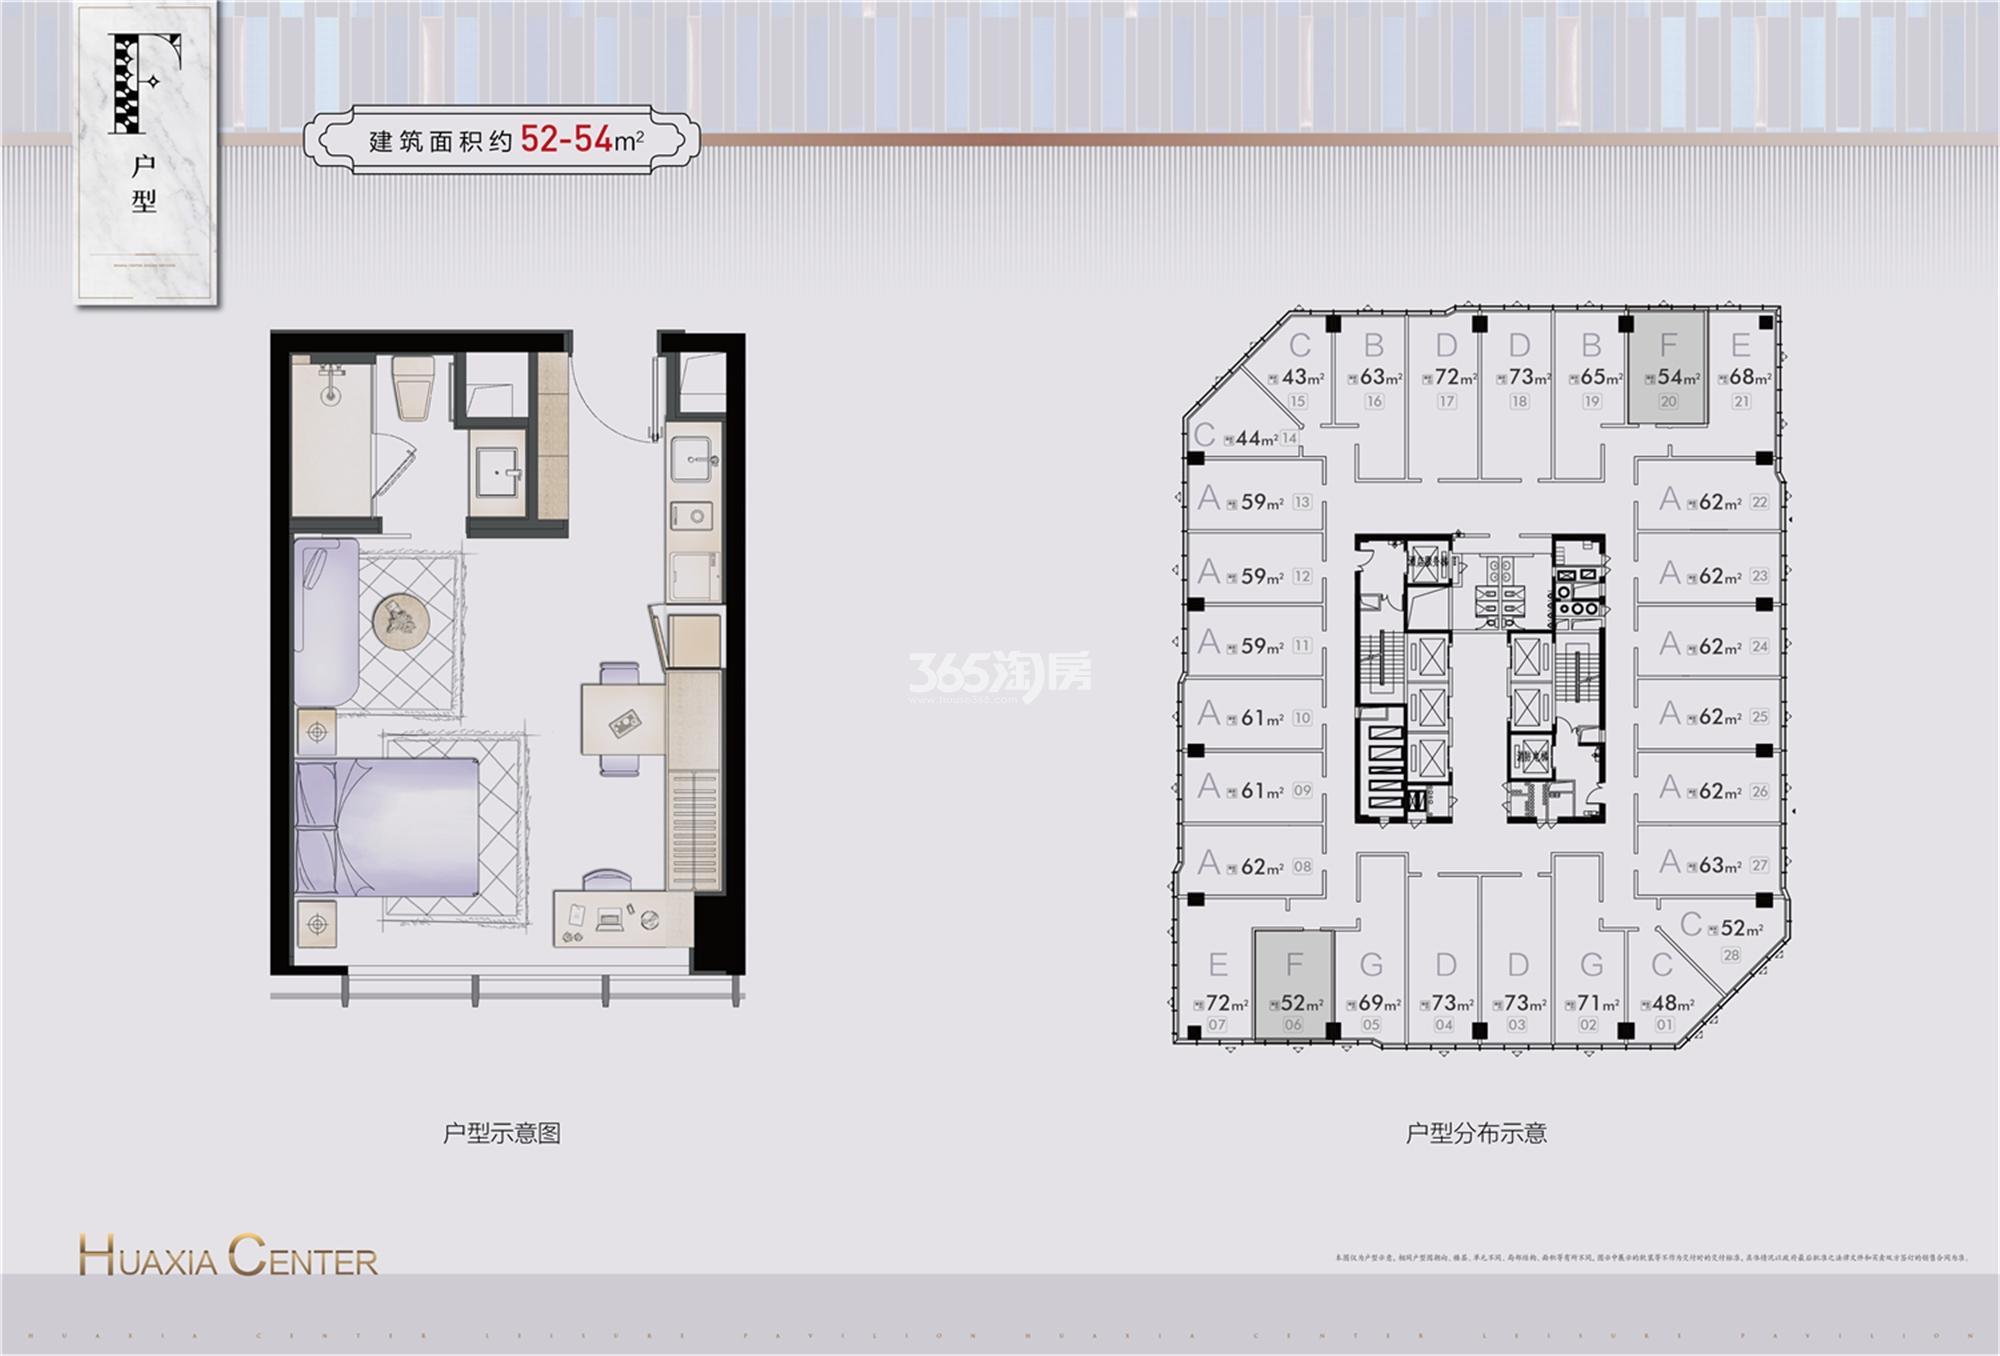 华夏之心公寓F户型 约52-54㎡